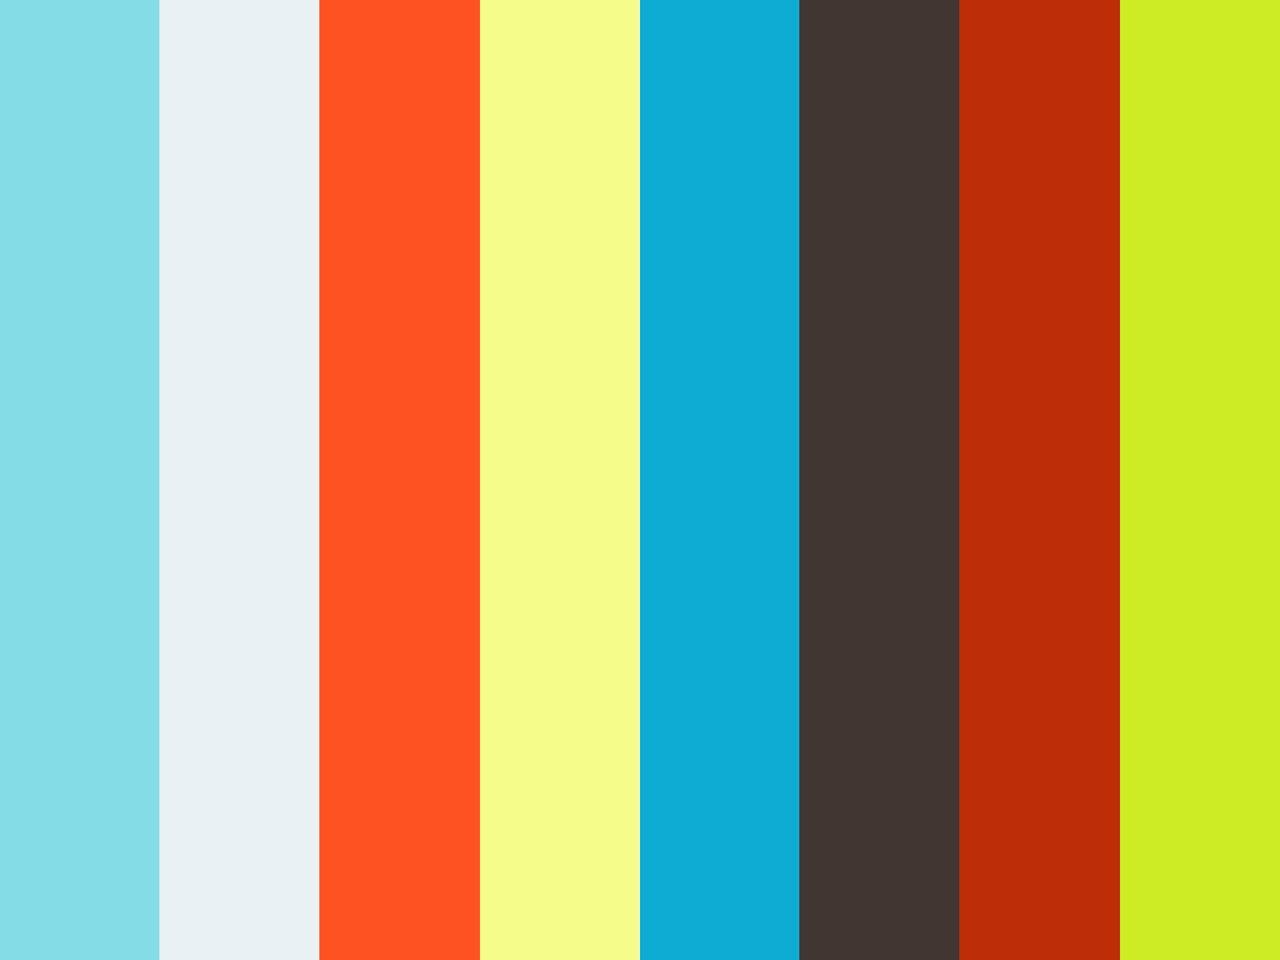 Molokai Covid19 Update - Monday, April 27, 2020